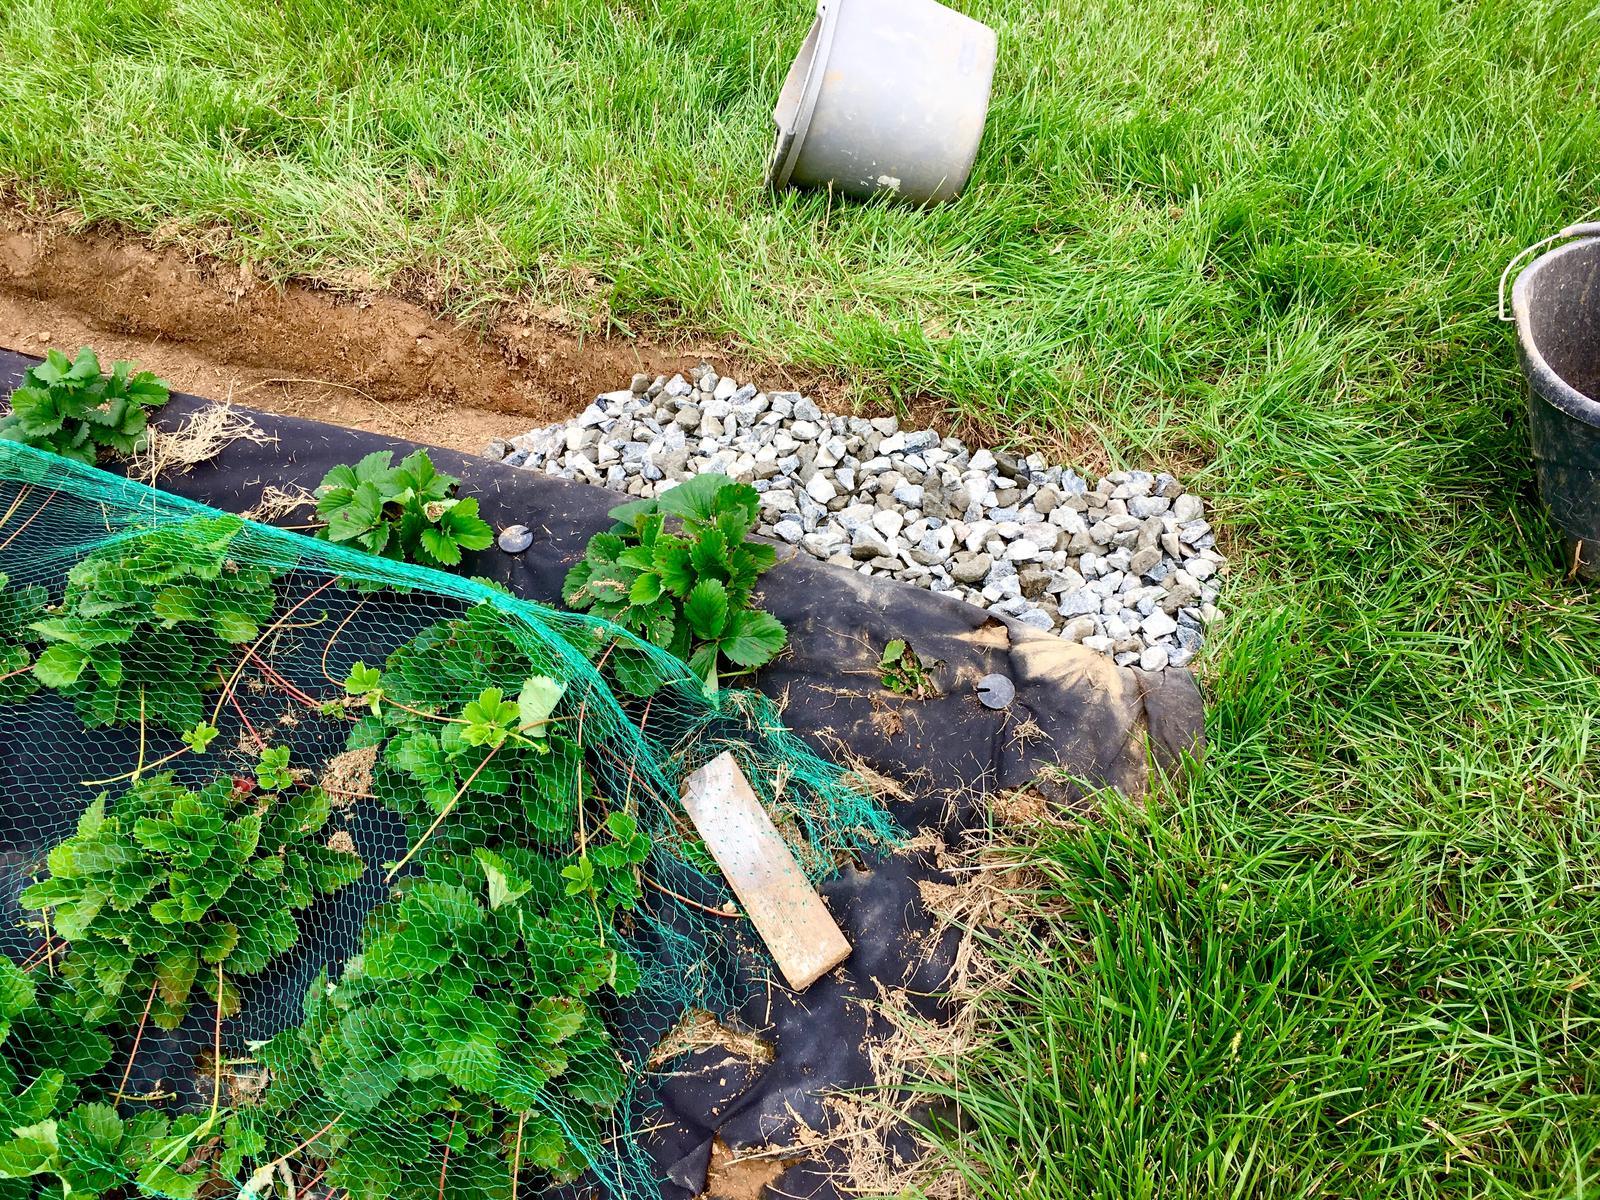 """Skřítčí zahrada 2015 - 2020 - Srpen 2019 - """"svejly"""" se osvědčily (ještě aby ne) co se týče zadržení a vsakování vody i sekání trávy, tak pokračuju po svahu dolů, na okraji terasy vykopu malý příkop (cca na šířku a hloubku rýče) a vyplním ho hrubším štěrkem"""